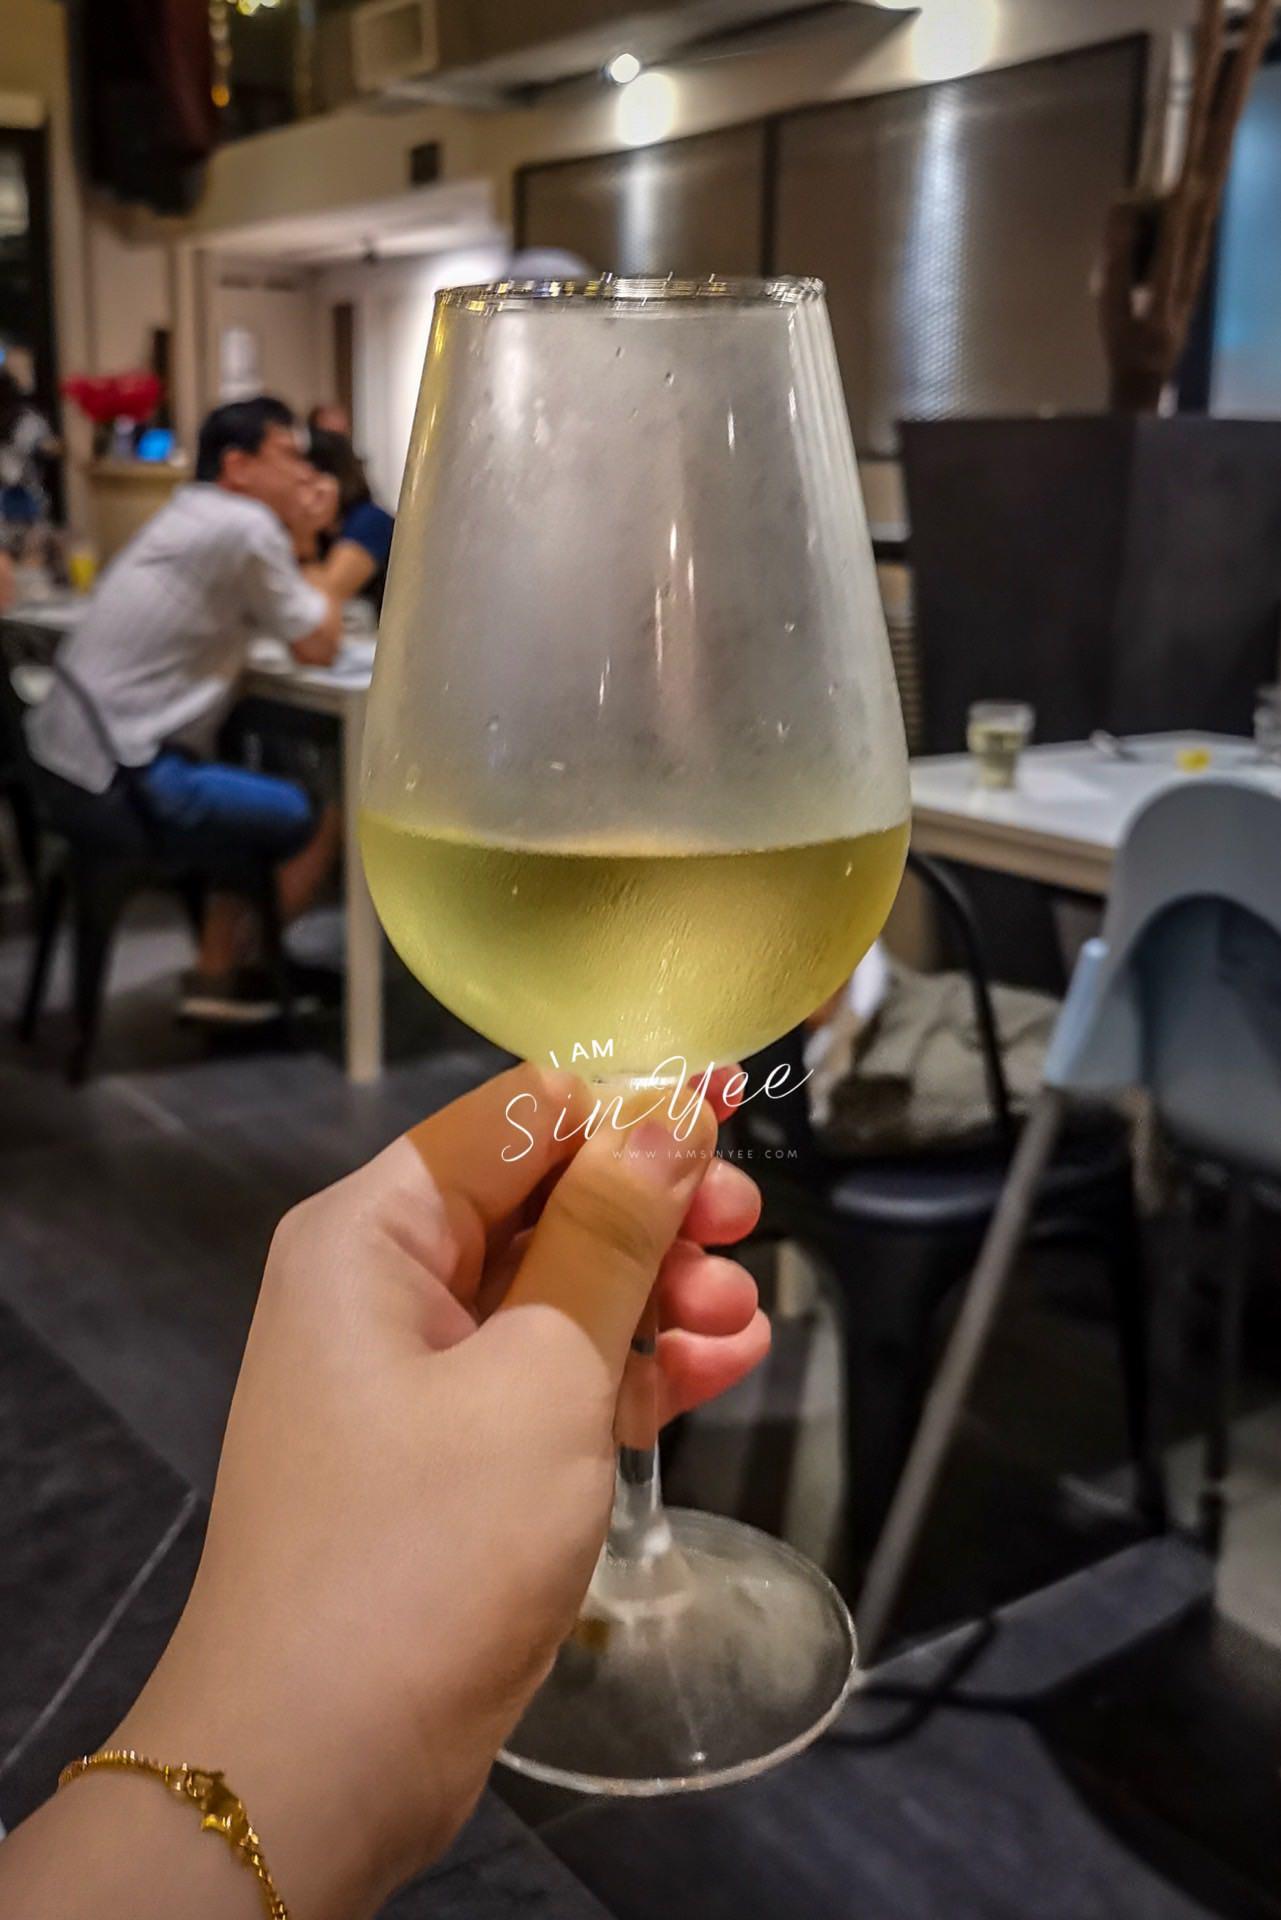 Australia Wolf Blass Bilyara Sauvignon Blanc White Wine